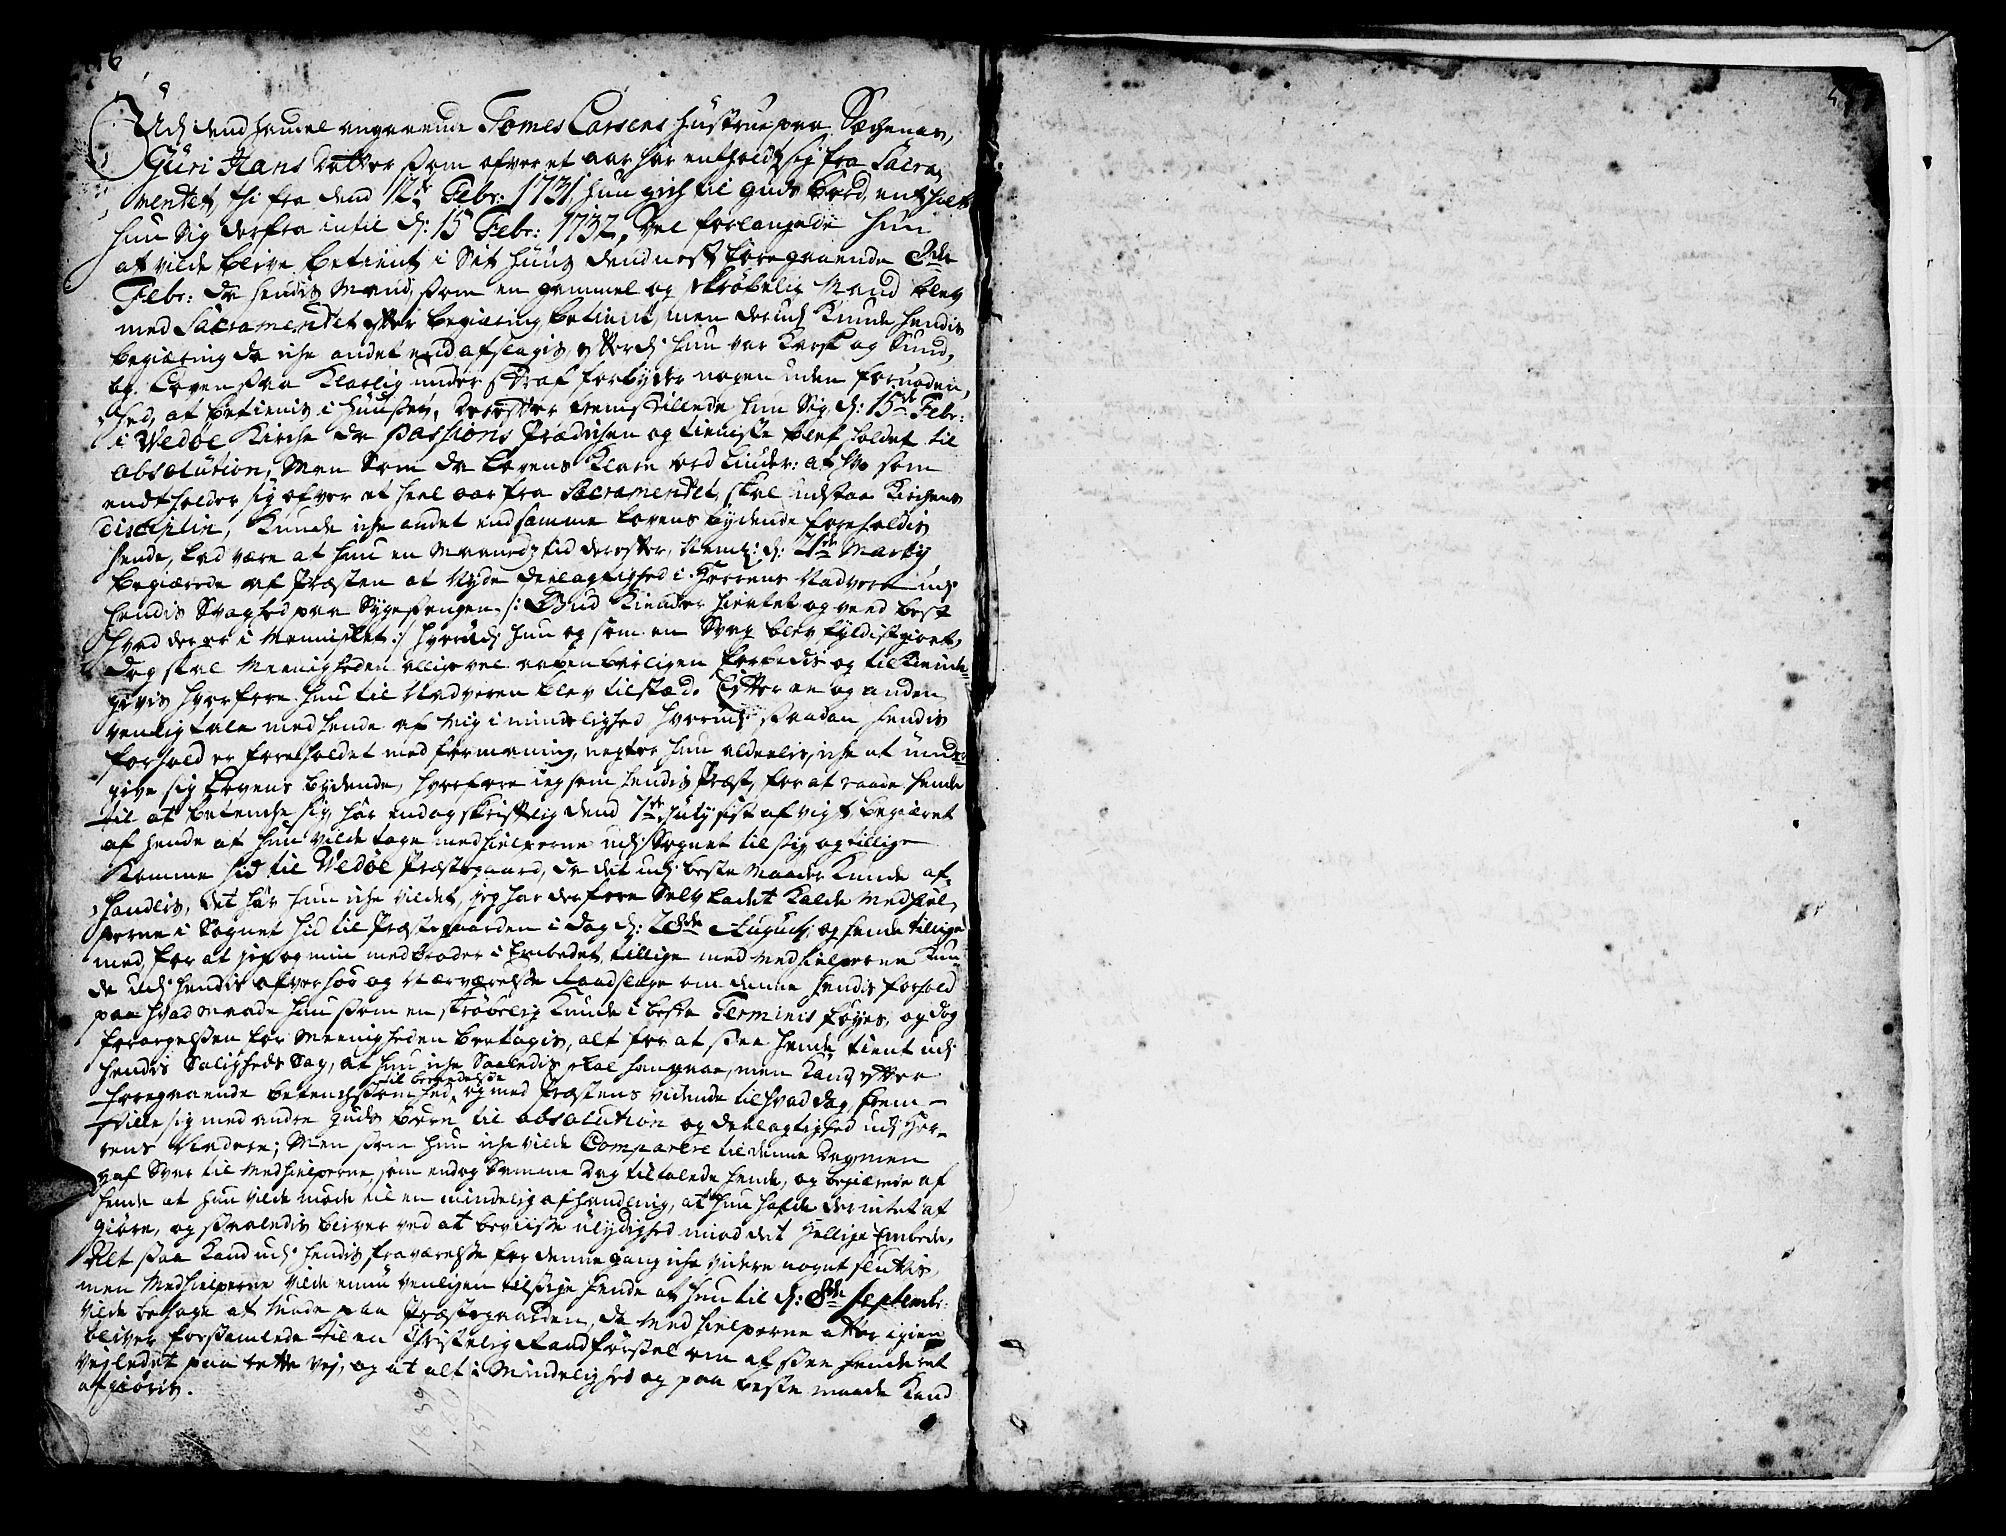 SAT, Ministerialprotokoller, klokkerbøker og fødselsregistre - Møre og Romsdal, 547/L0599: Ministerialbok nr. 547A01, 1721-1764, s. 556-557